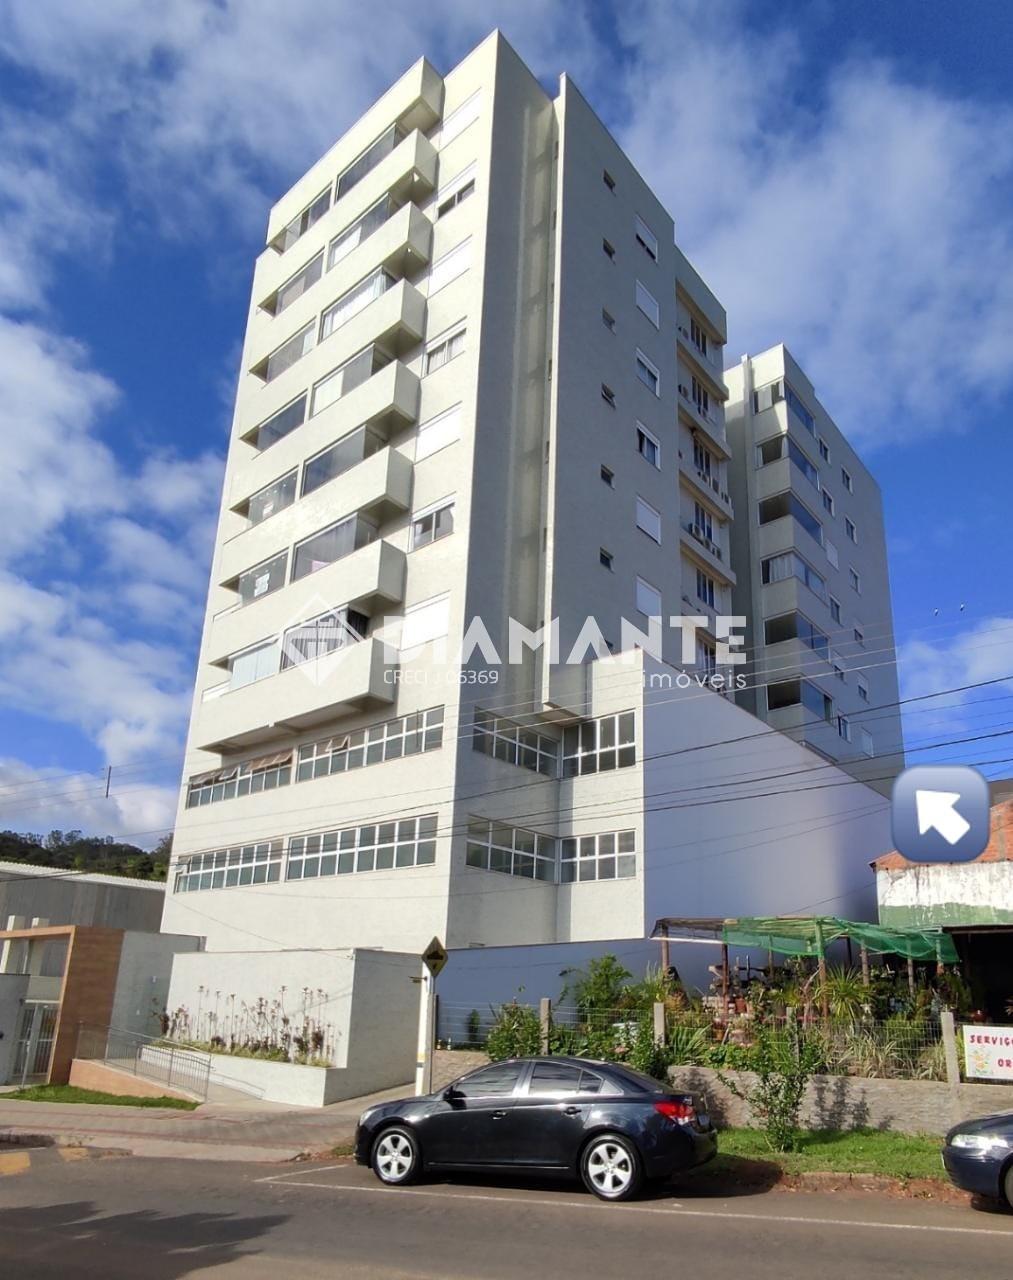 Apartamento com Terraço Amplo, Único no Edifício que Possui Esse Diferencial!